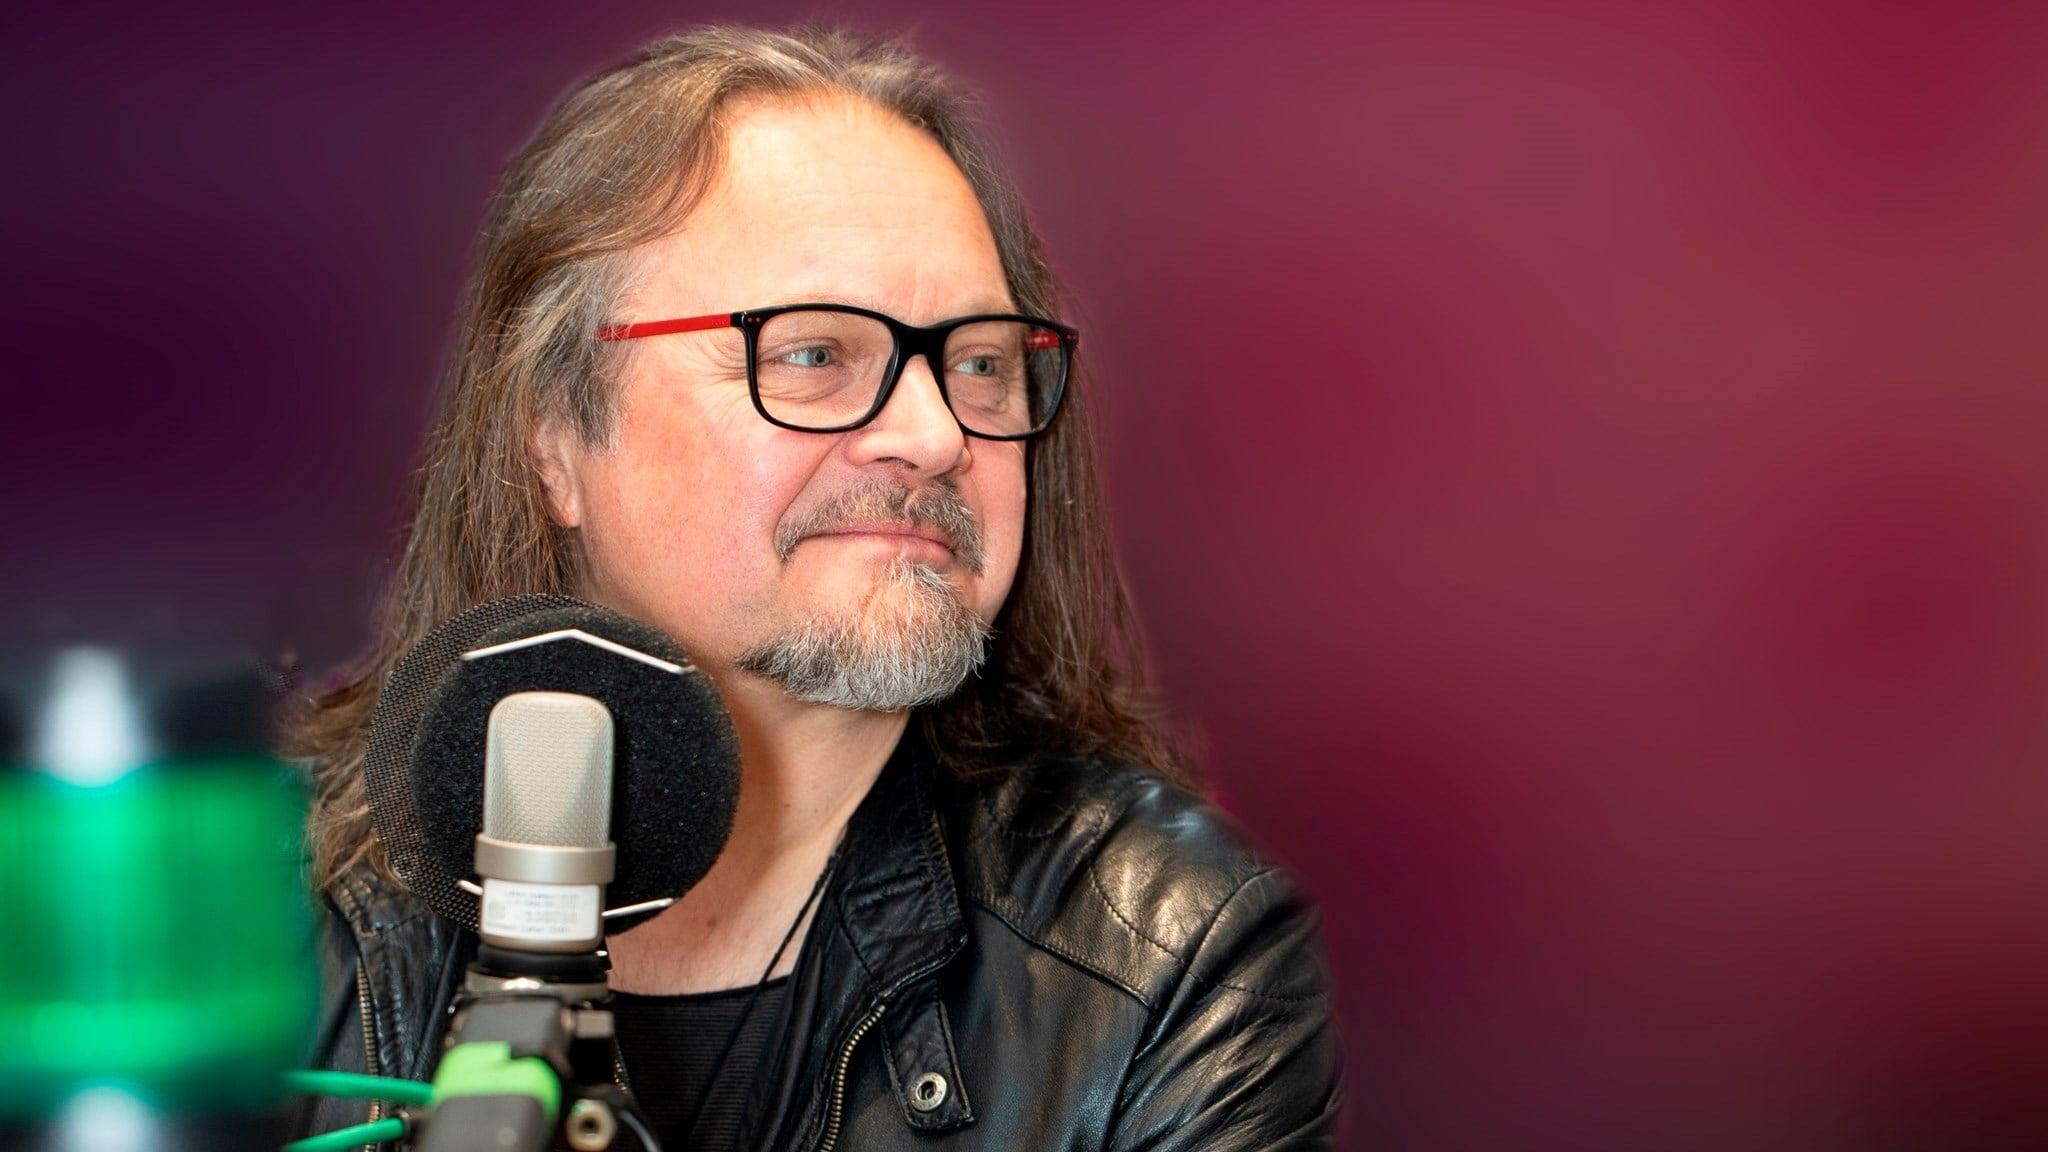 Foto: Åsa Stöckel/ Sveriges Radio